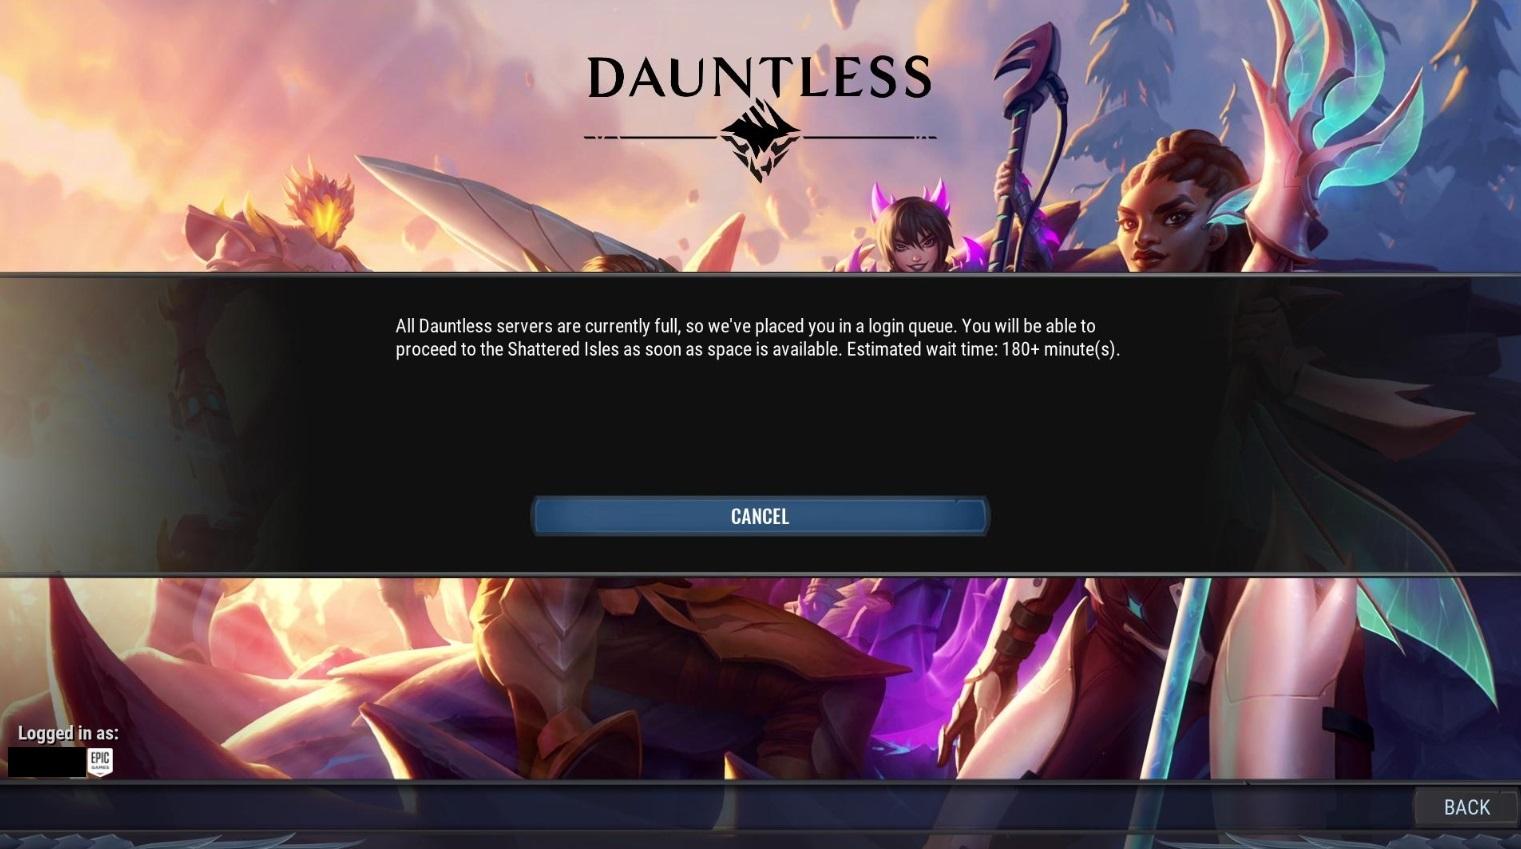 Dauntless servers full